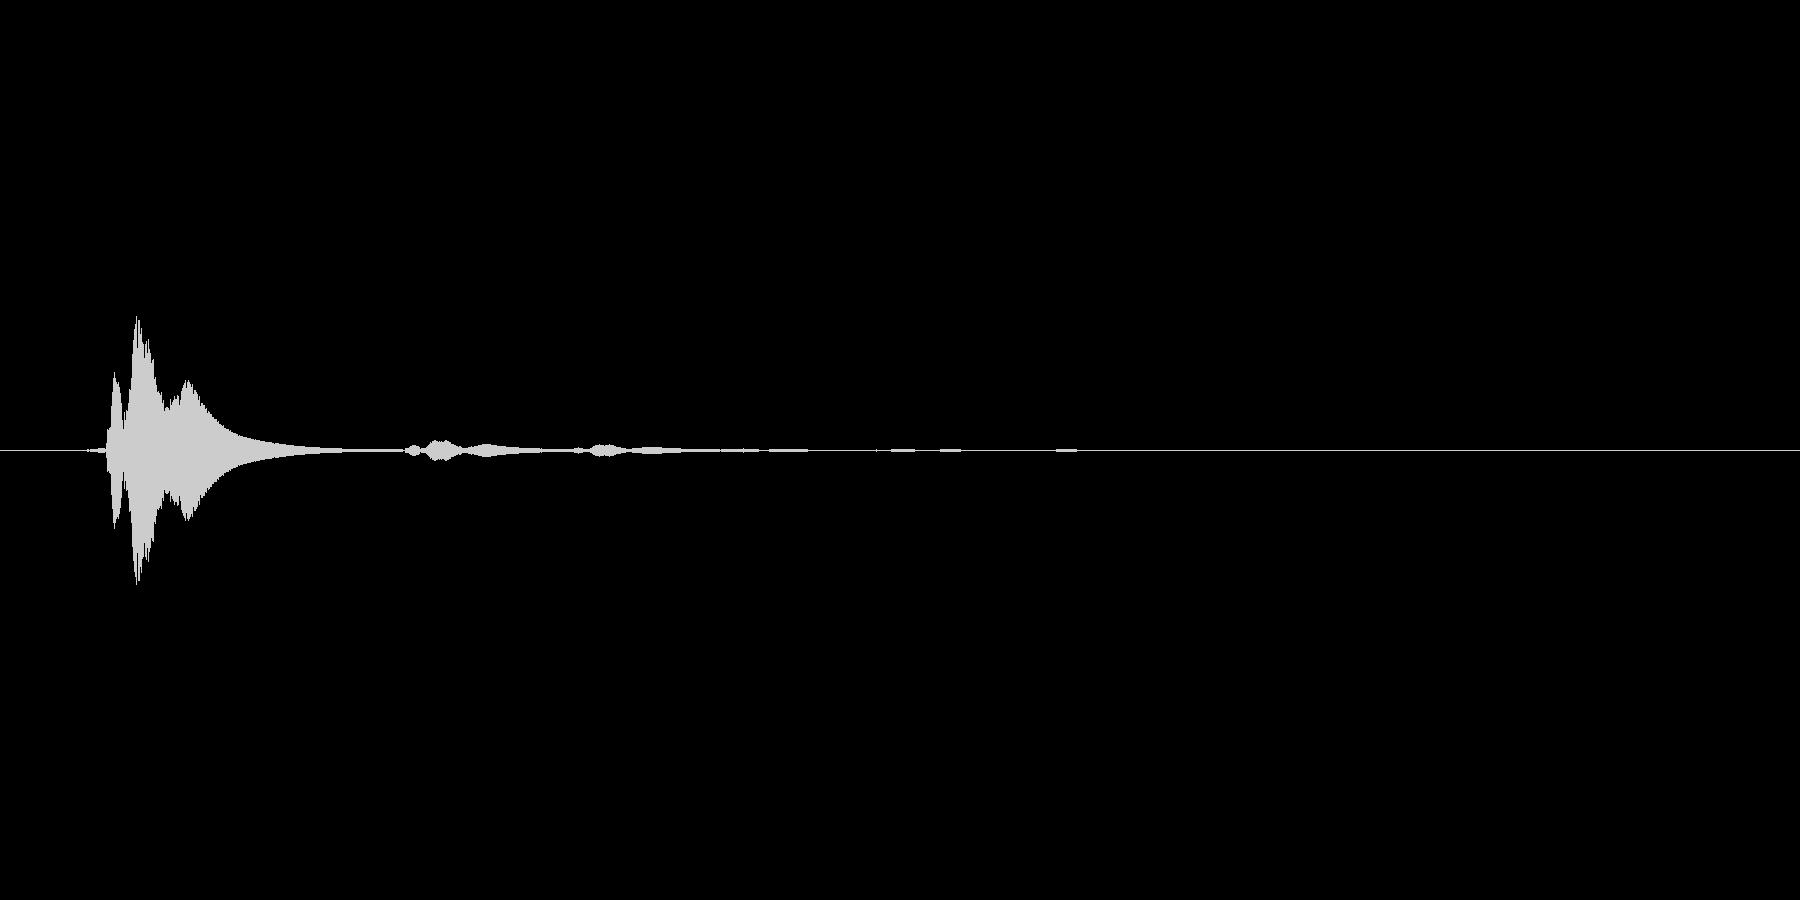 【効果音】メニュー系セットB_タッチの未再生の波形